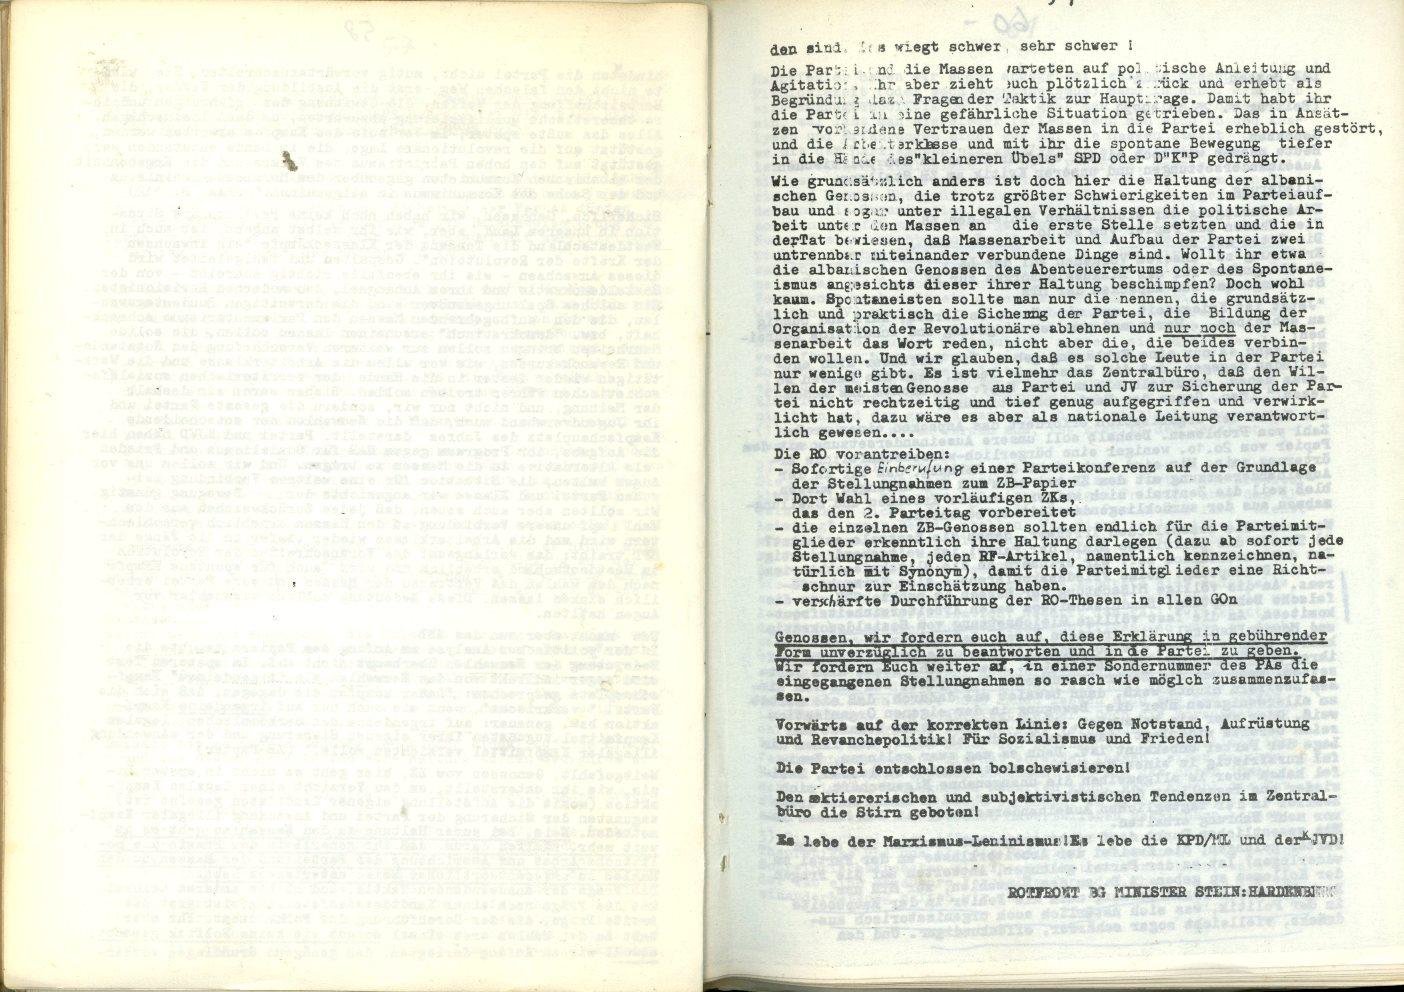 ZB_1972_Diskussionsorgan_zur_ersten_Parteikonferenz_33